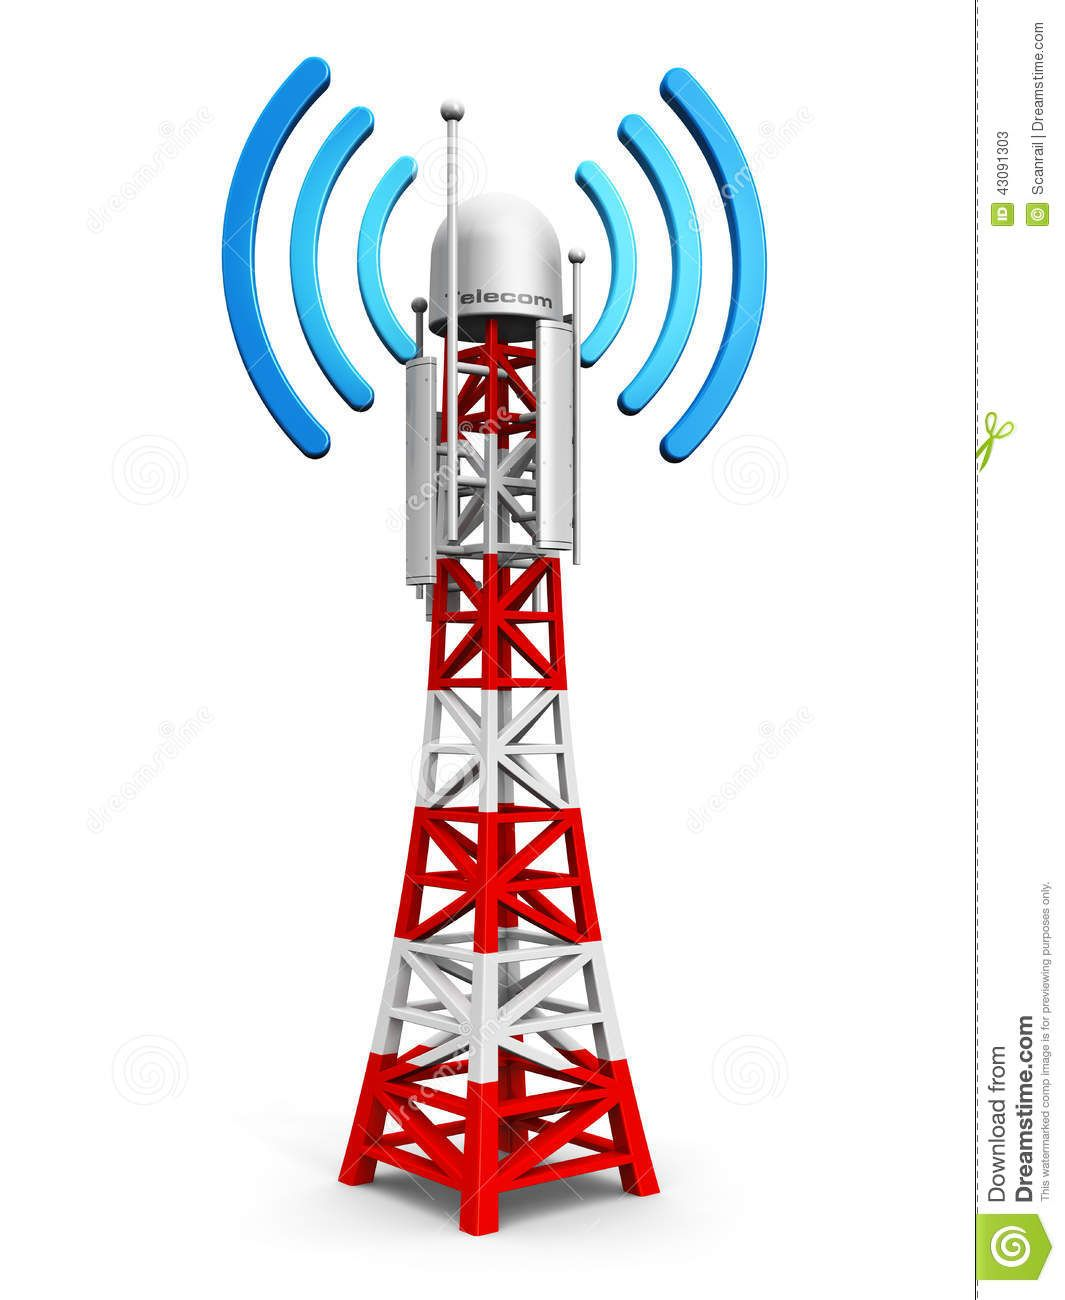 Un sitio de la c lula cuenta con una torre y antenas as for Disegno 3d free